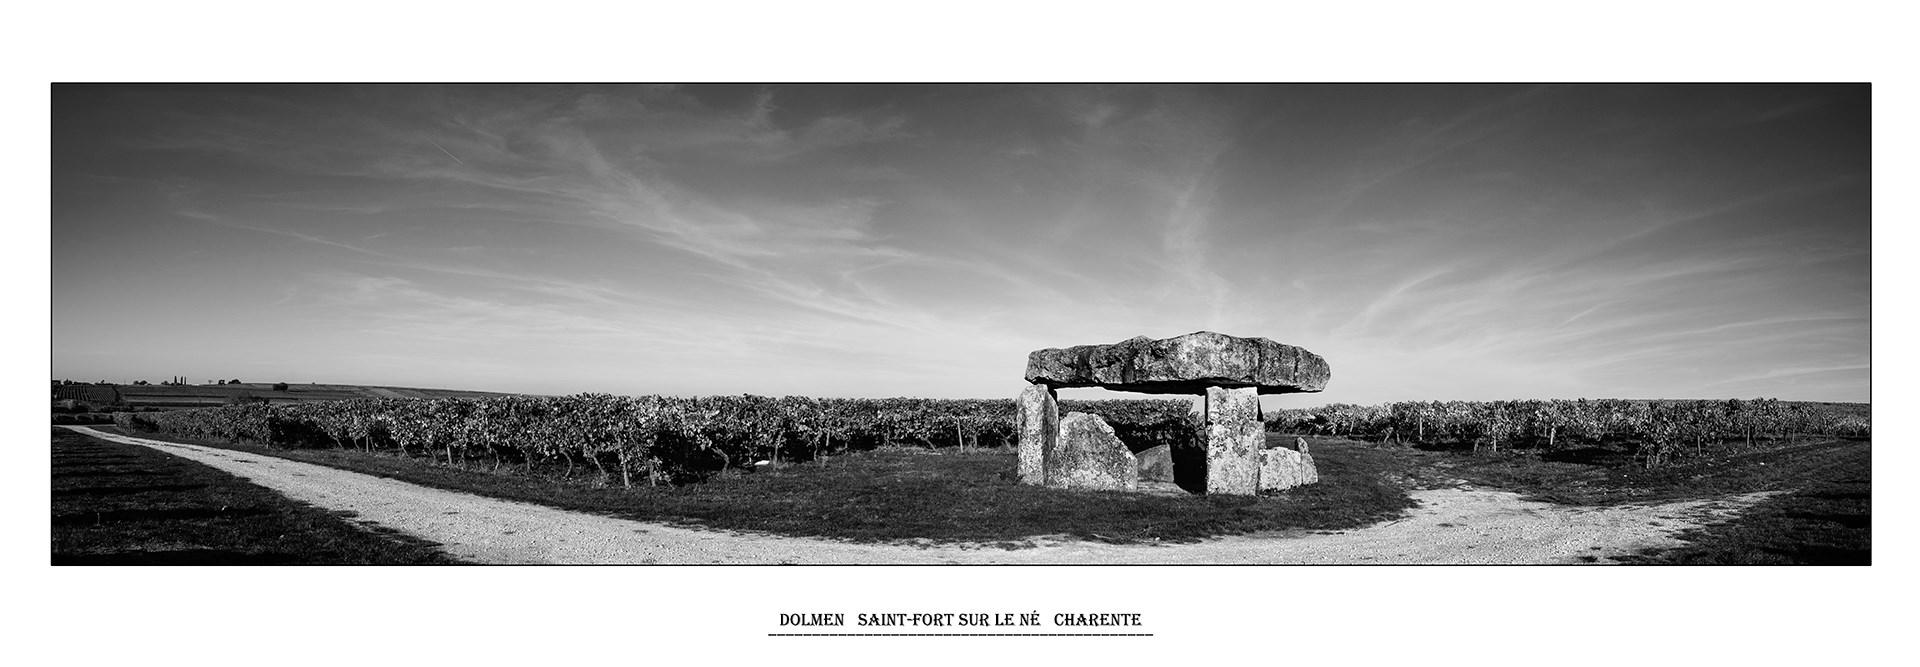 Le dolmen, saint-fort sur le né, Charente, Christian Belloteau, Atelier Focale 16, exposition photo à l'incontournable